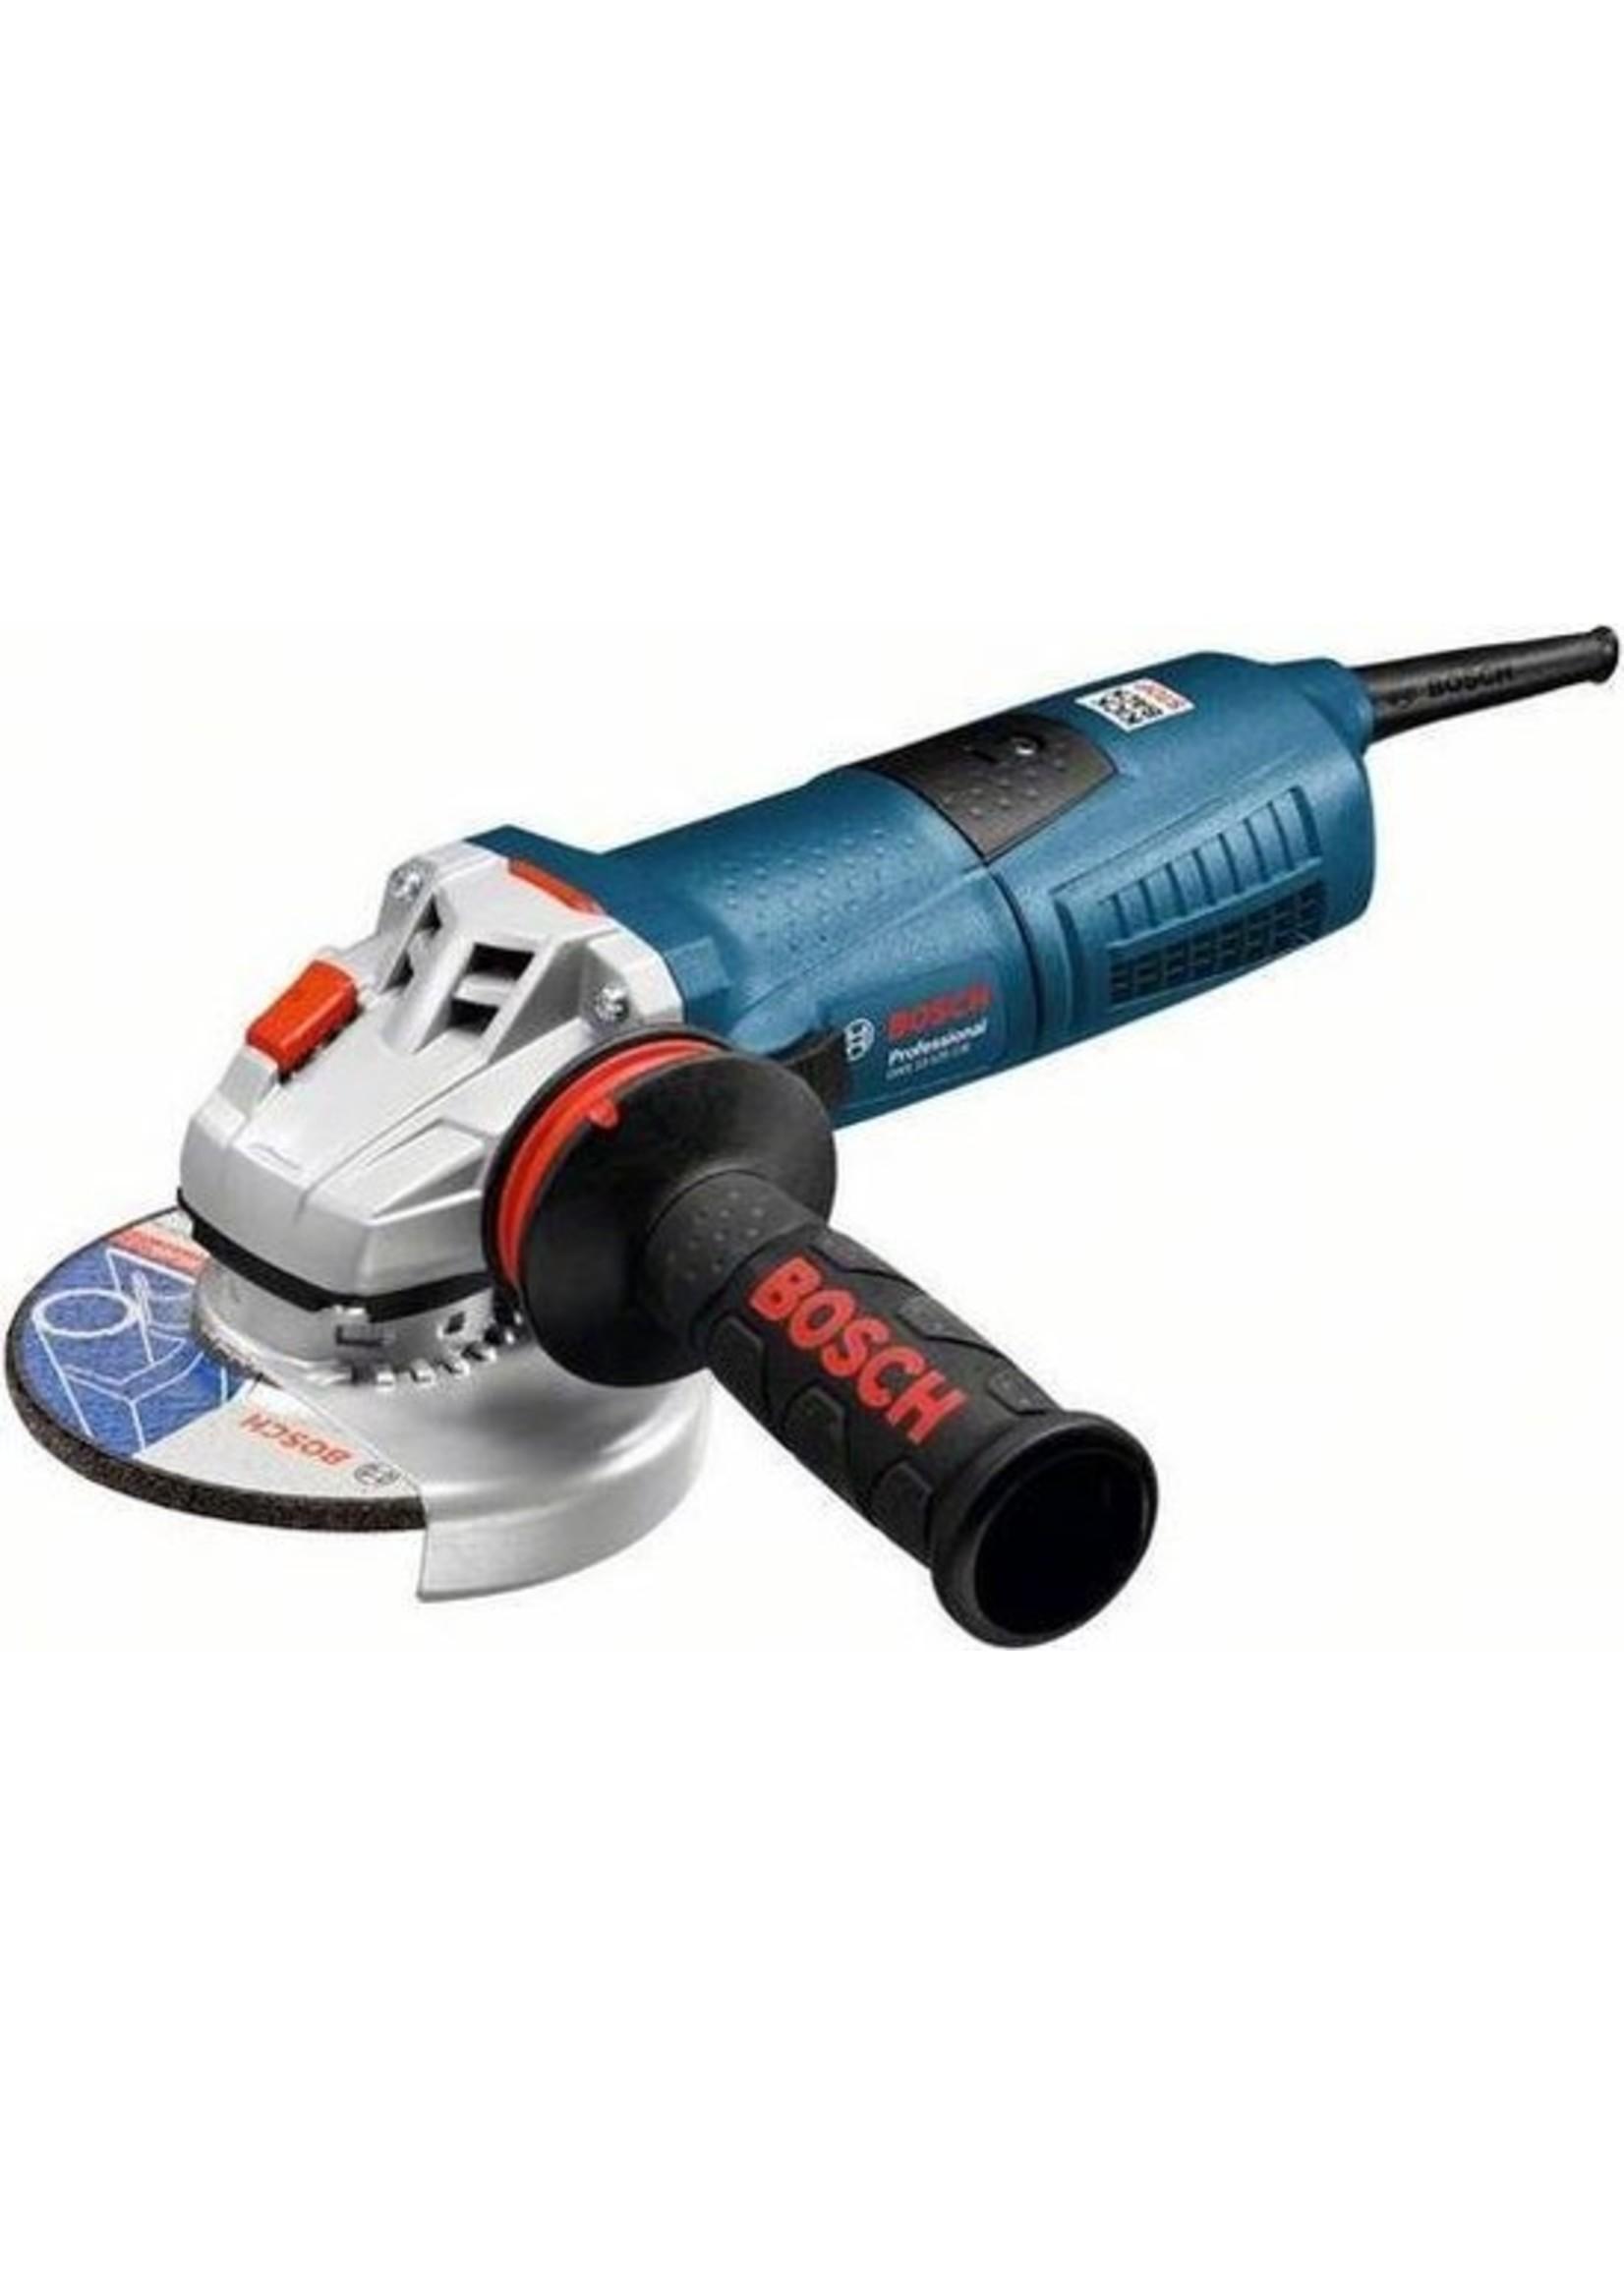 Bosch Bosch GWS 13-125 CIE 125mm haakse slijpmachine